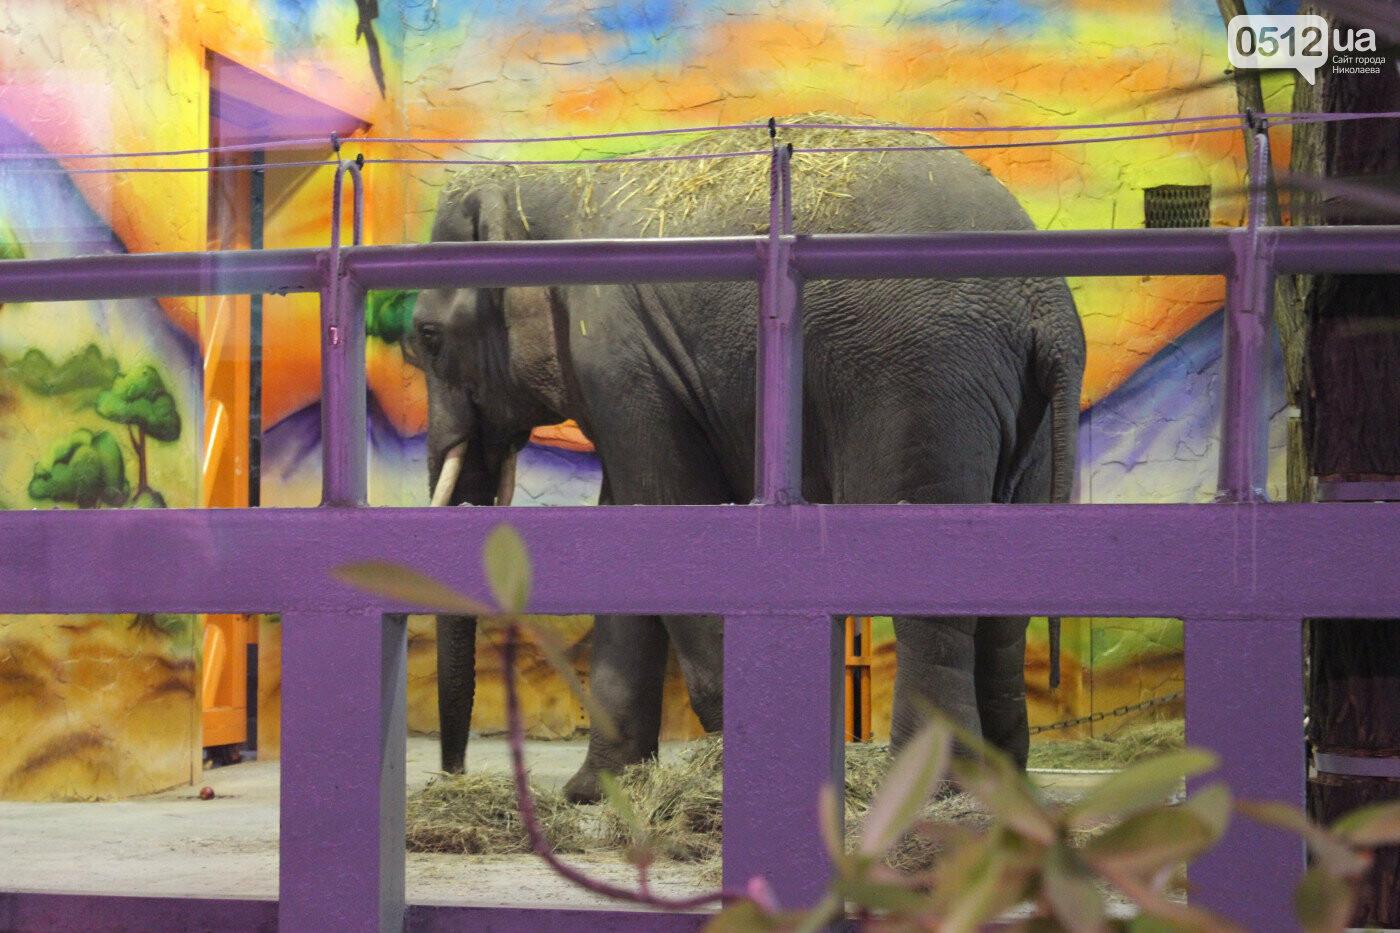 Жирафы ссорятся, а слоны играют: в Николаевском зоопарке рассказали о новичках, - ВИДЕО, фото-2